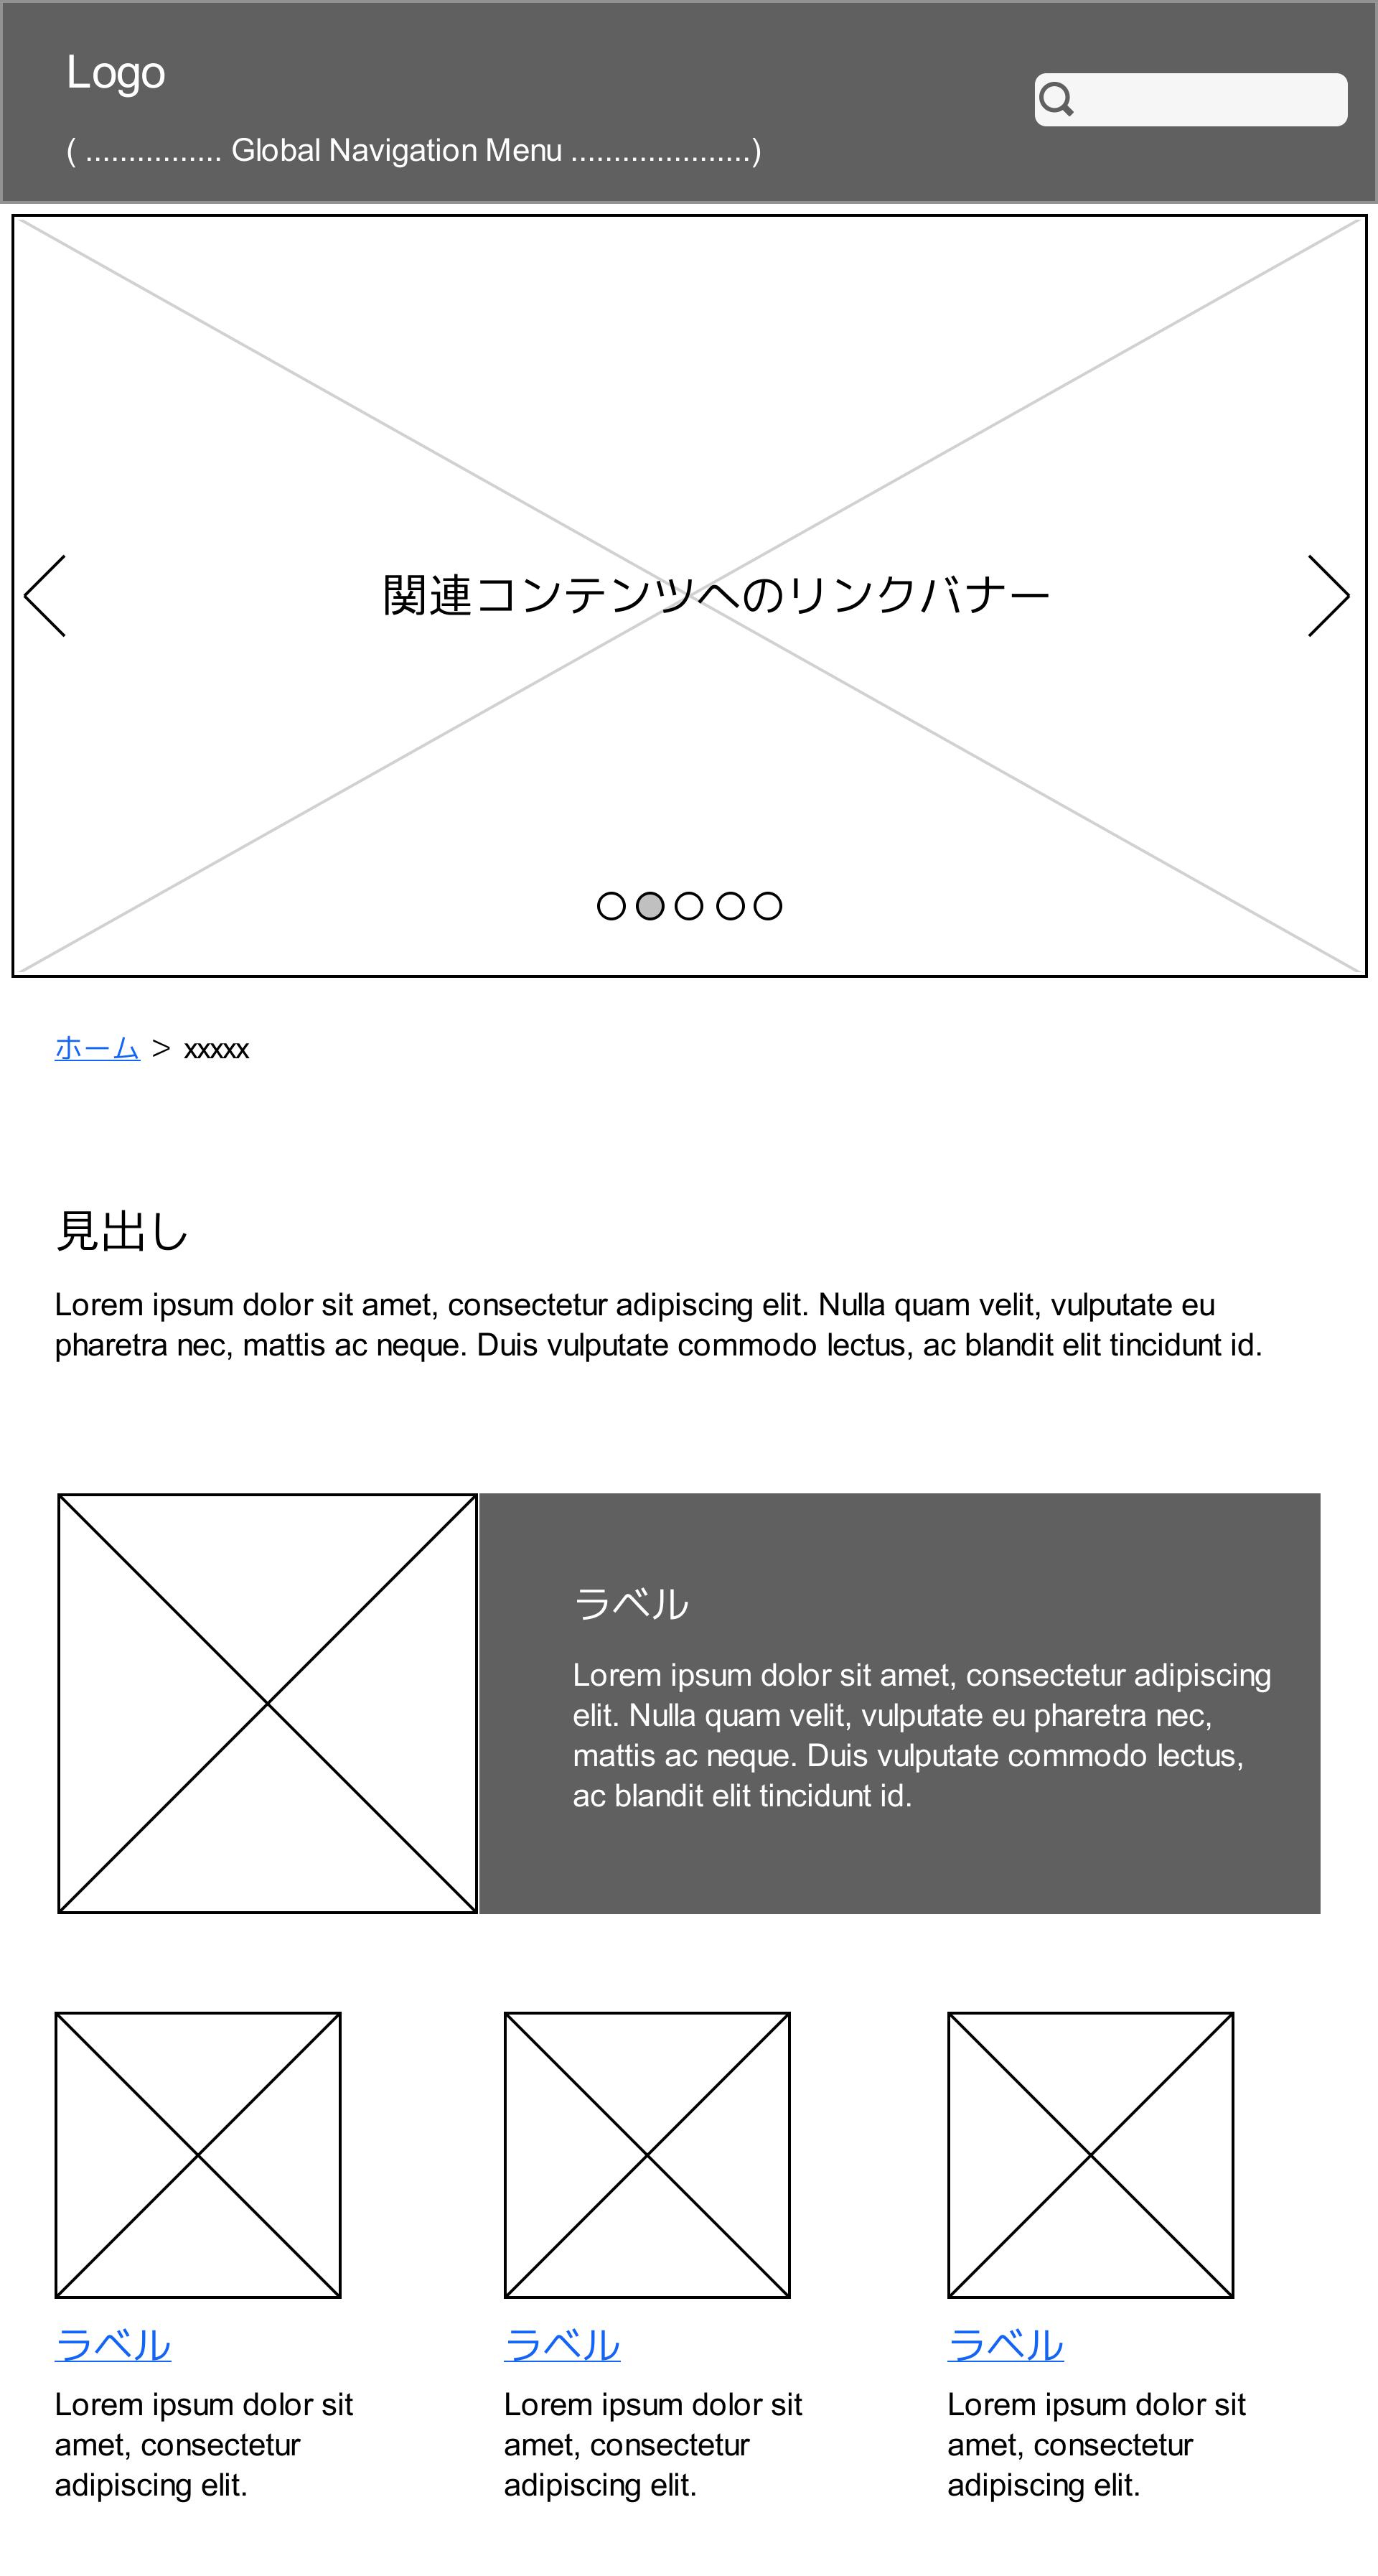 冒頭に関連コンテンツへのリンクバナーが大きく表示されているページ